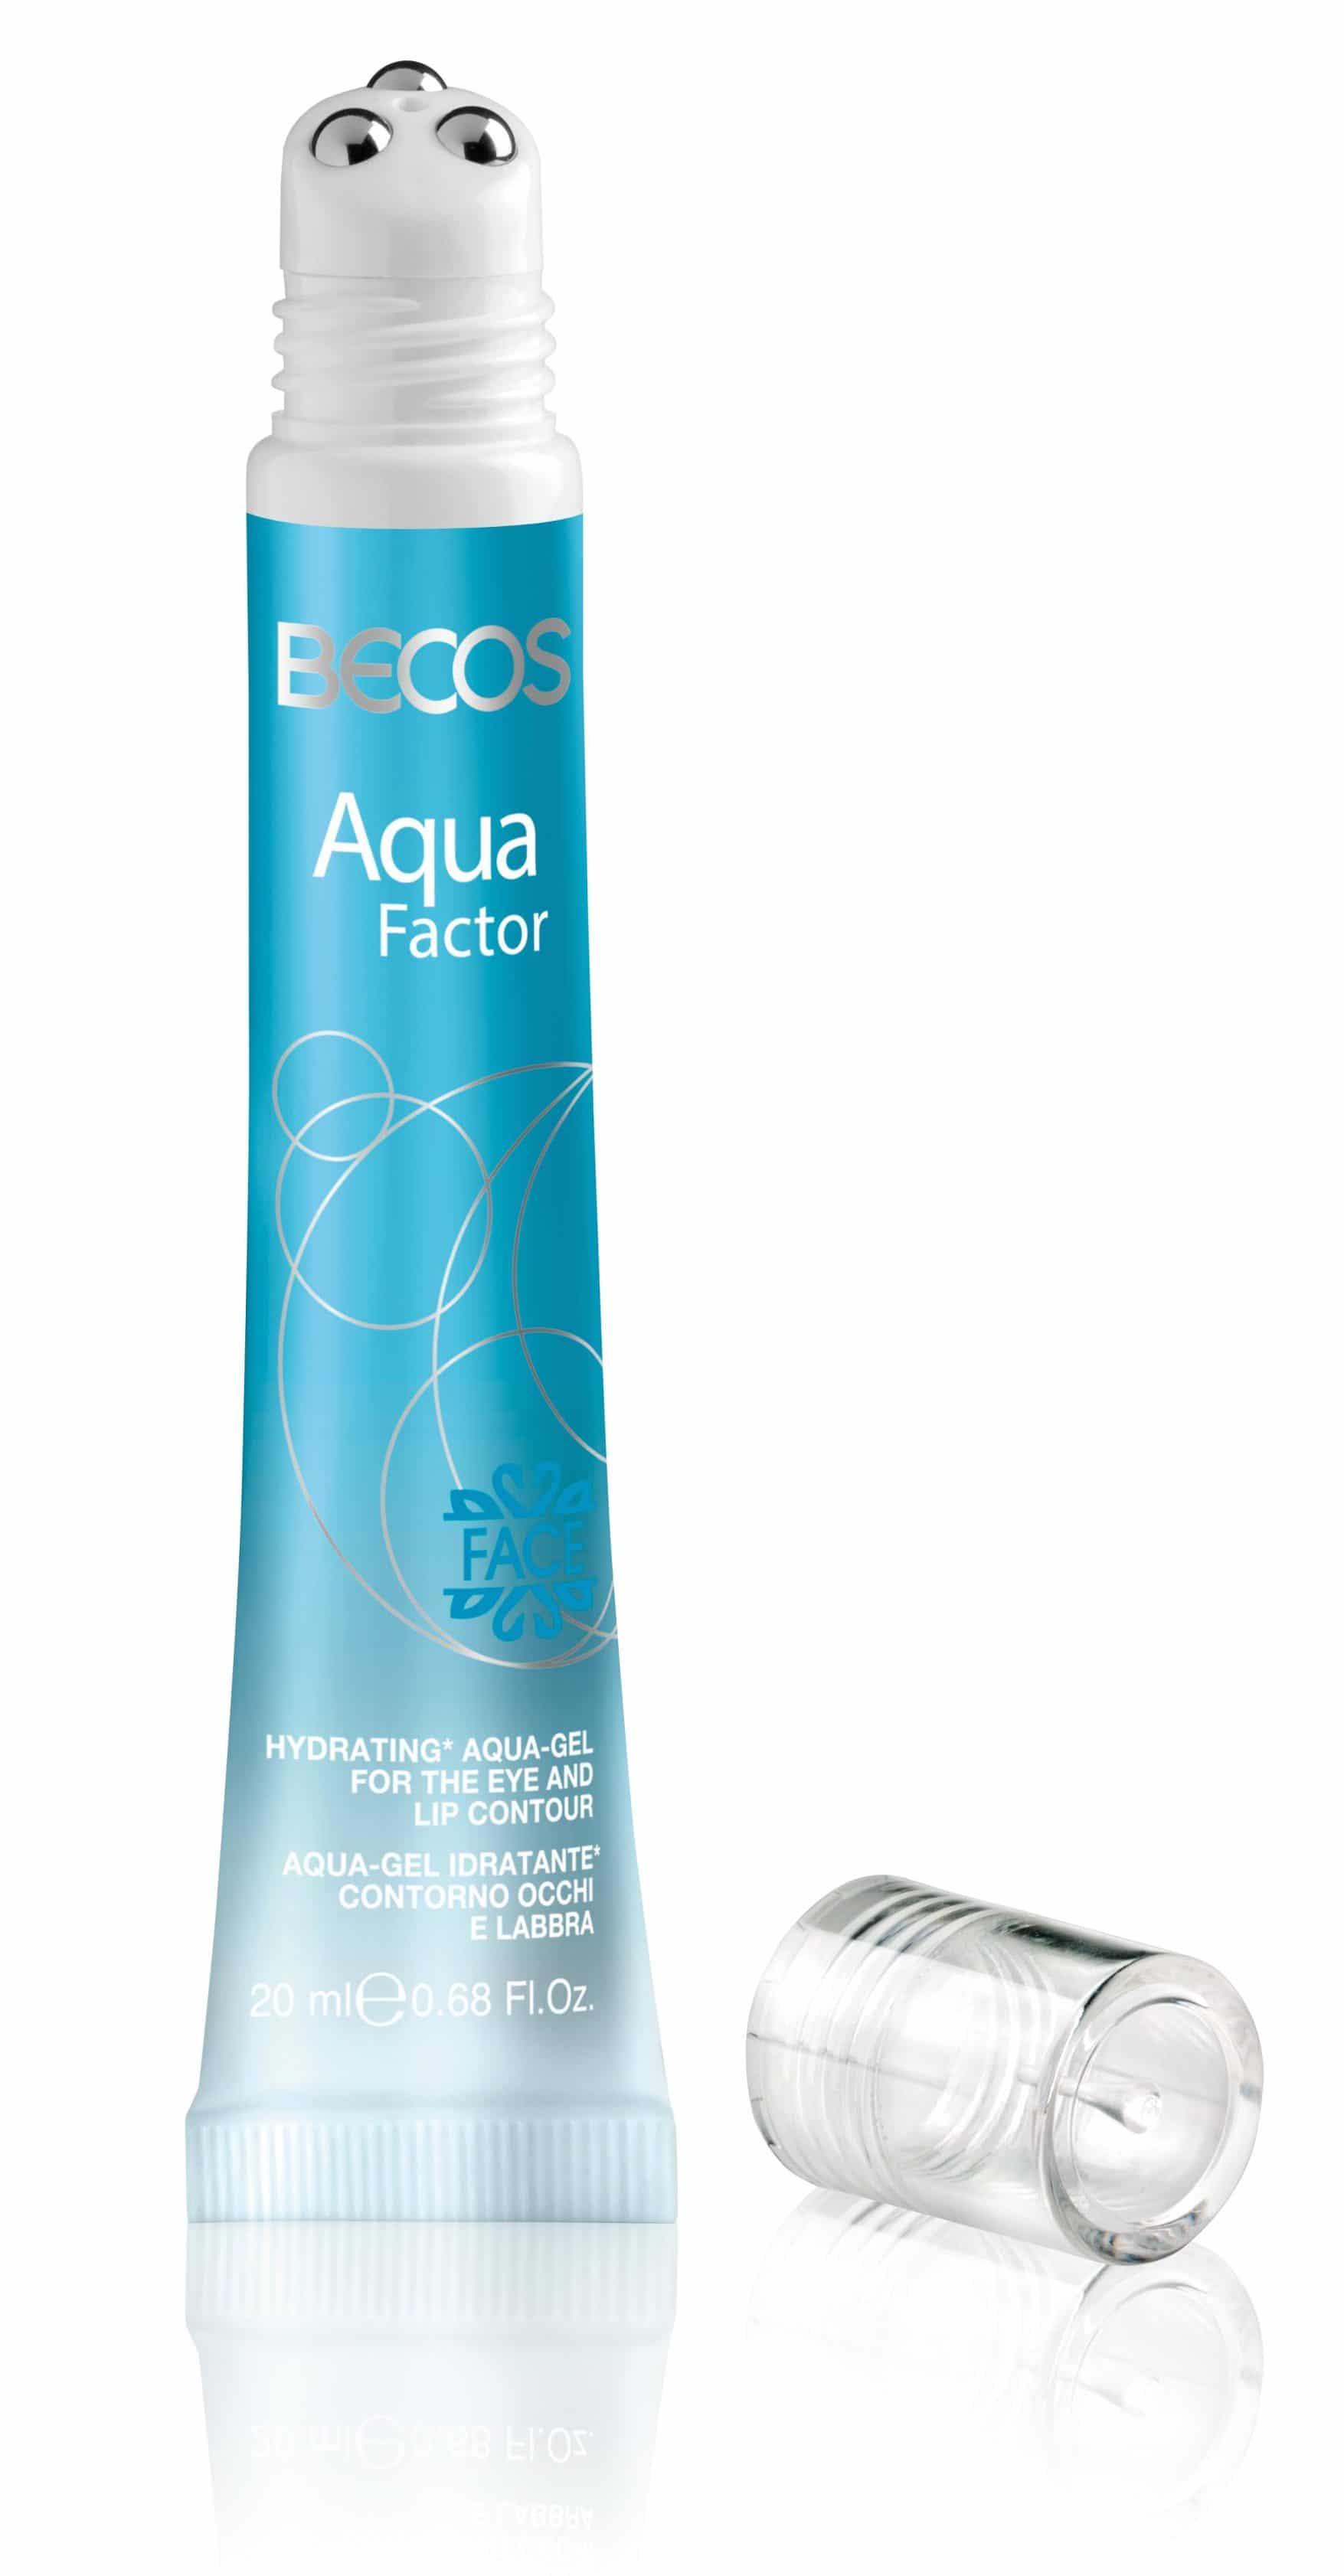 Aqua gel idratante per contorno occhi e labbra della linea Aqua Factor by Becos